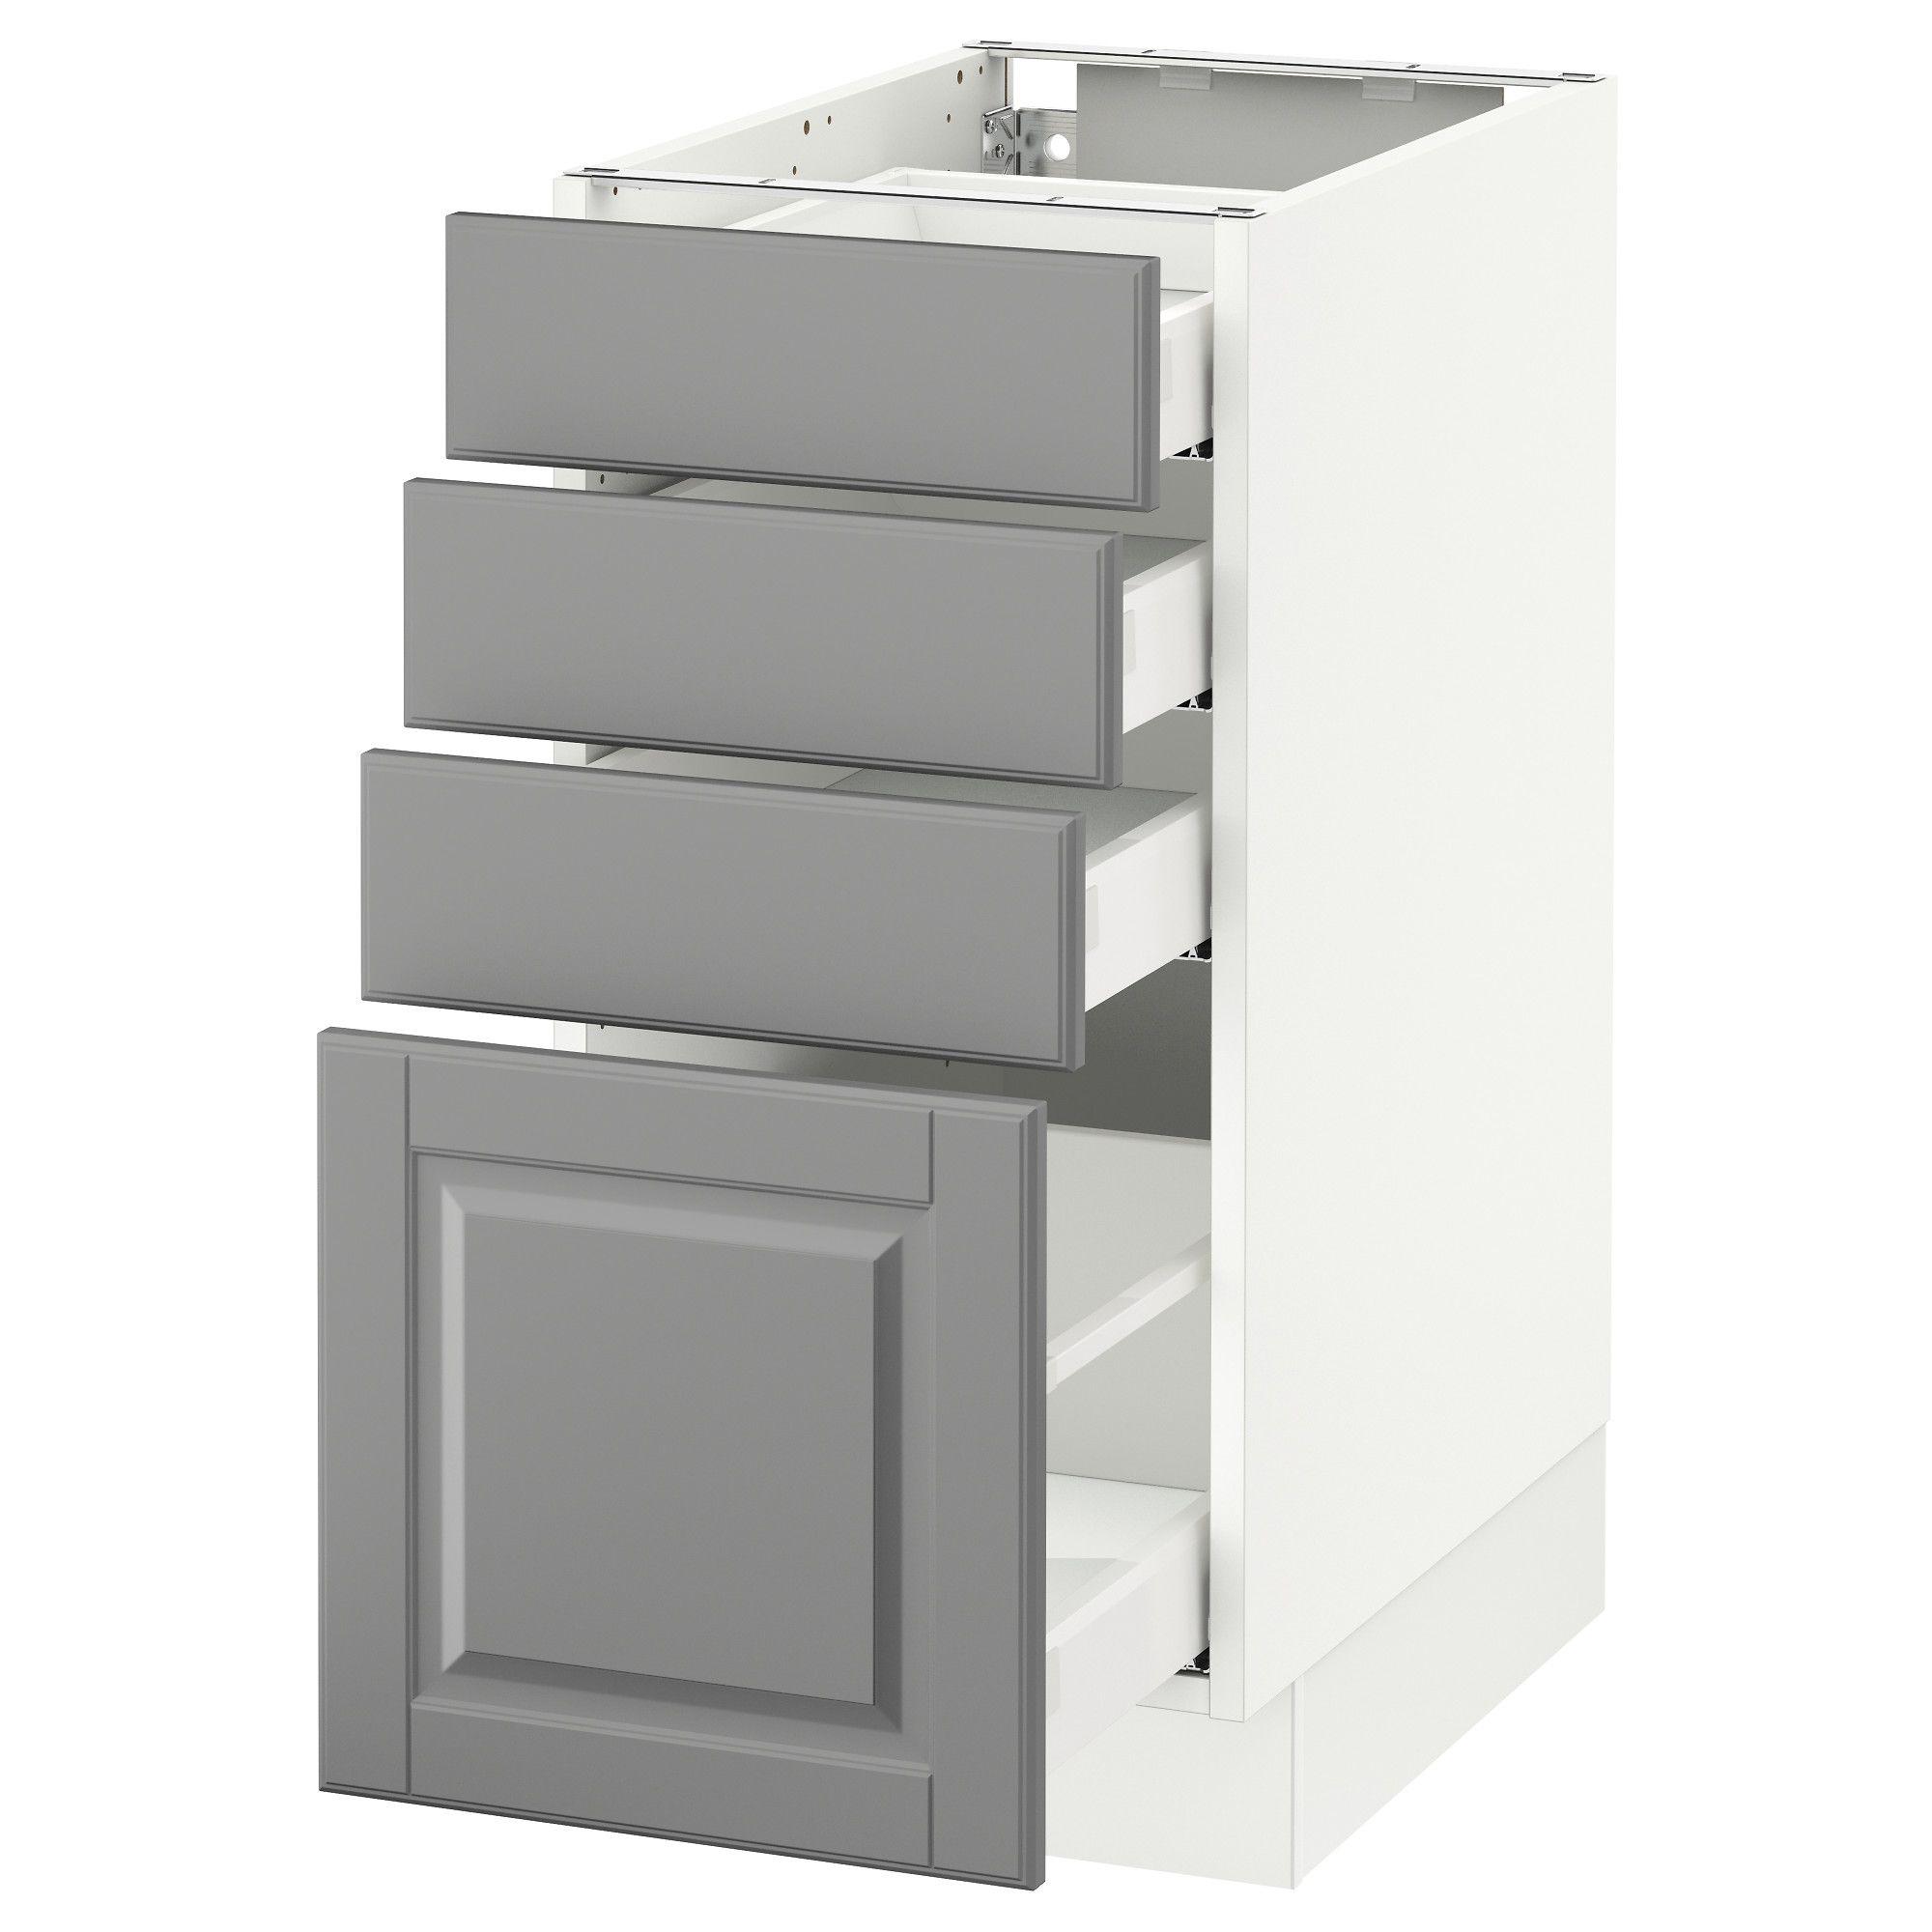 Ikea Sektion Blanc Armoire Inf 4 Tir Frame Colour Maximera